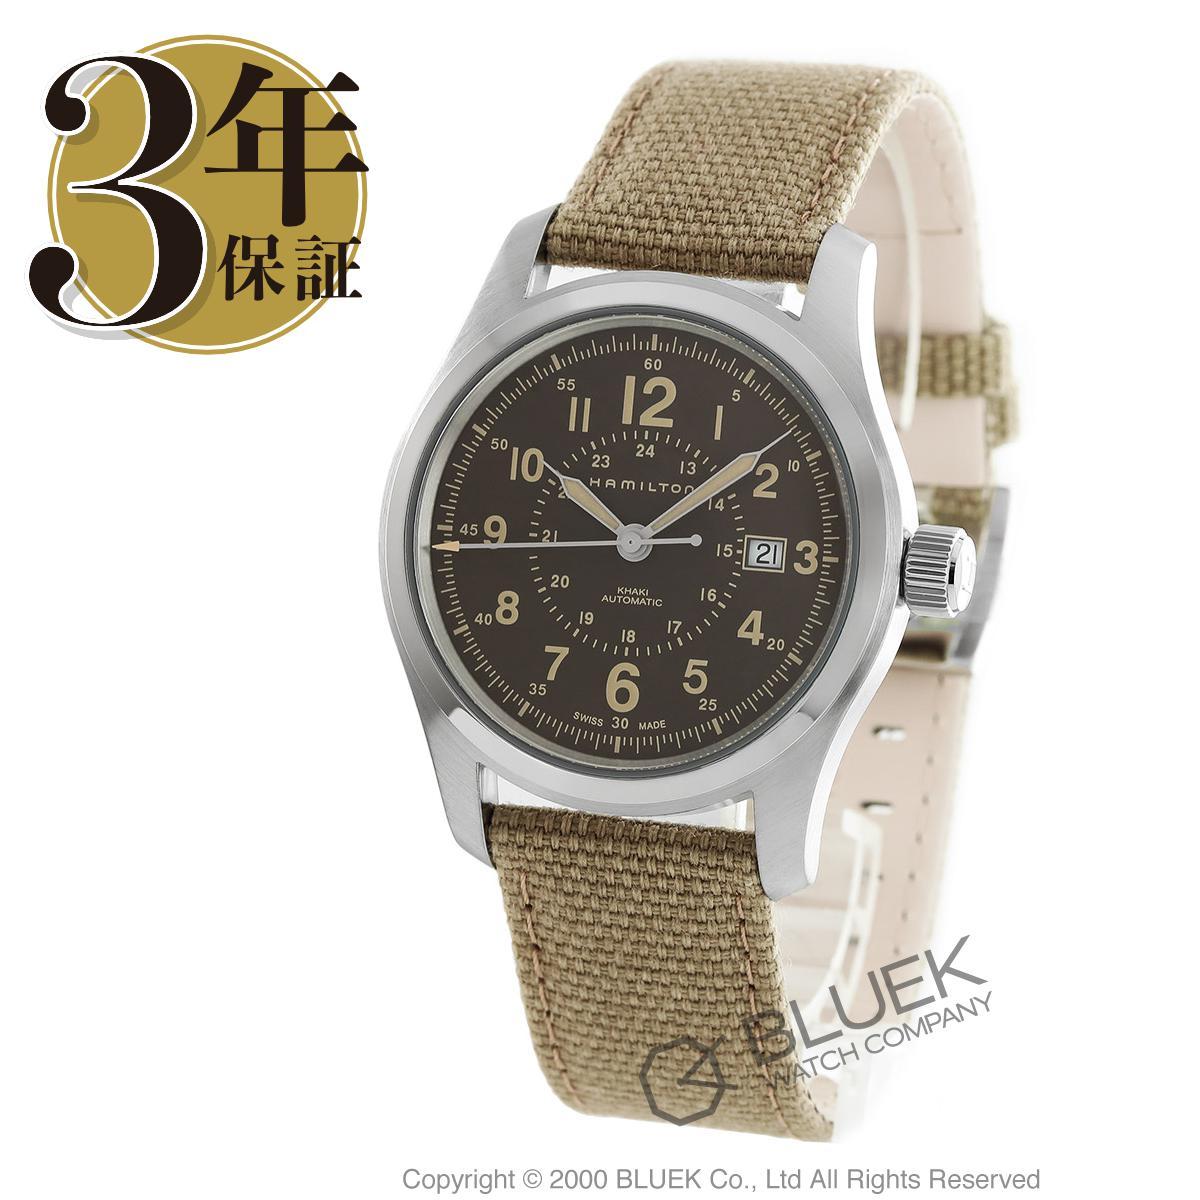 ハミルトン カーキ フィールド キャンパスレザー 腕時計 メンズ HAMILTON H70605993_3